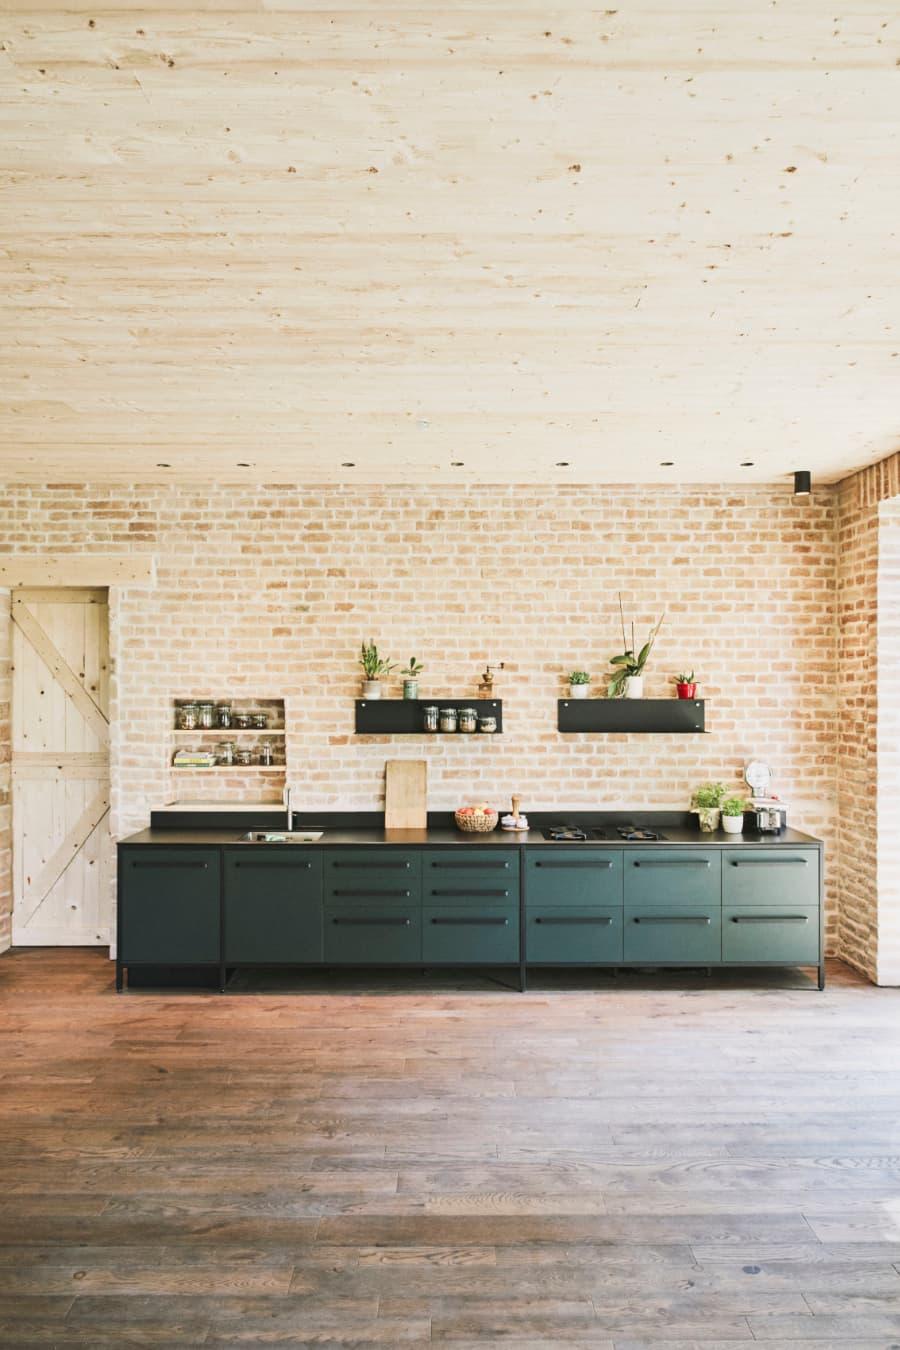 Modulküche-keep-Wandmodul-Linoleum-dunkelgrün-7-Elemente